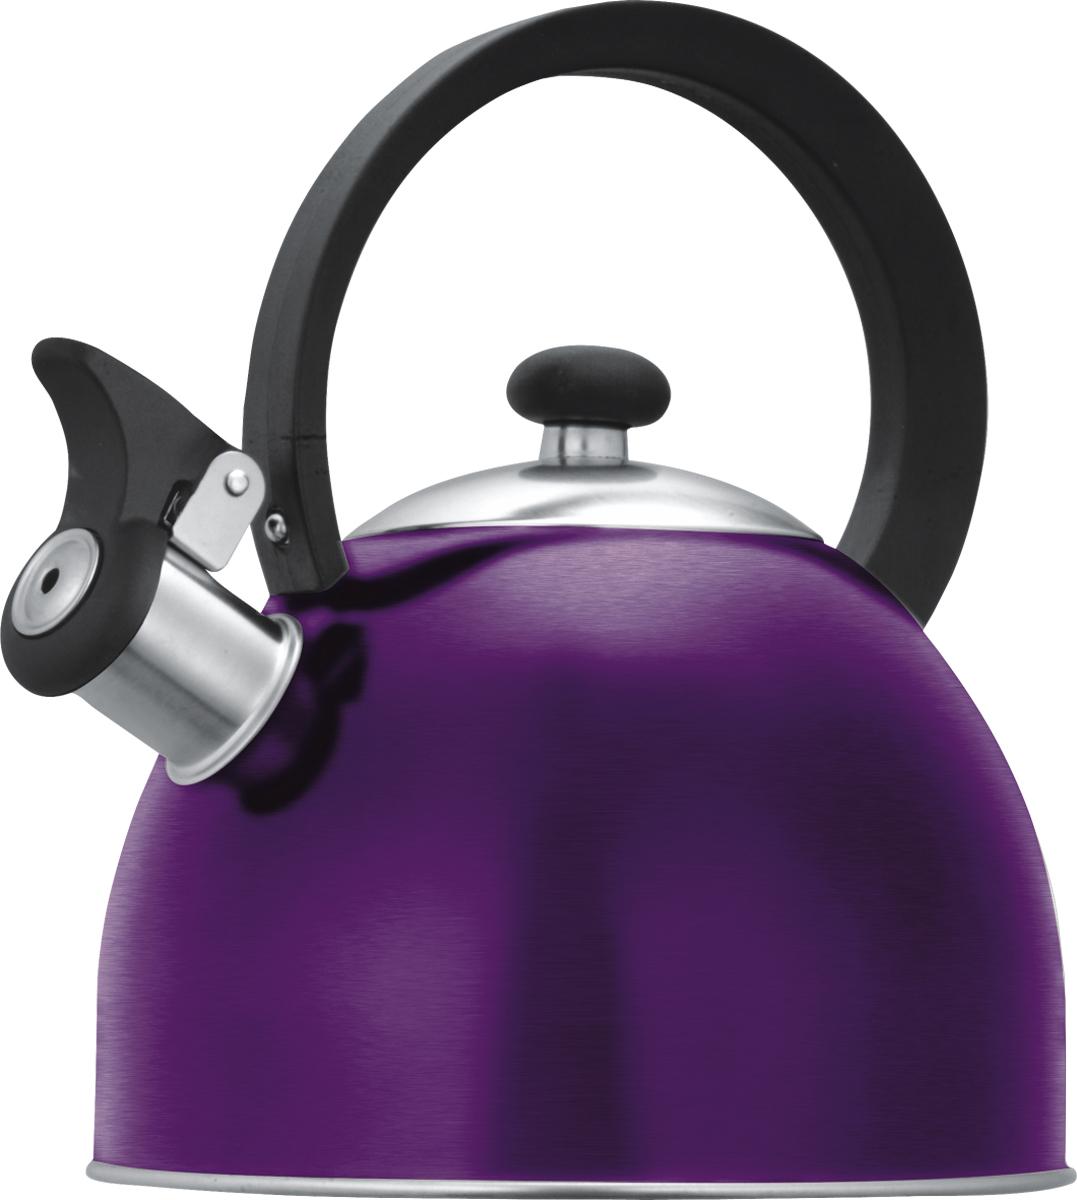 Чайник Lumme со свистком, цвет: фиолетовый, 1,8 л68/5/3Чайник в корпусе из высококачественной пищевой нержавеющей стали с термостойкой ненагревающейся ручкой и свистком, поднимающимся с помощью рычажка.Высококачественная нержавеющая сталь не имеет запаха, не выделяет примесей и сохраняет все природные натуральные свойства воды.Свисток на носике чайника - привычный элемент комфорта и безопасности, потому что своевременный сигнал о готовности кипятка сэкономит время и электроэнергию, вода никогда не выкипит полностью, и чайник прослужит очень долго.Оригинальный механизм поднятия свистка с помощью рычажка добавляет чайнику индивидуальности, он необычайно комфортен в использовании и может стать хорошим подарком для близких.Чайник из нержавеющей стали подходит для всех видов плит, кроме индукционных: электрических, стеклокерамических, галогенных, газовых.